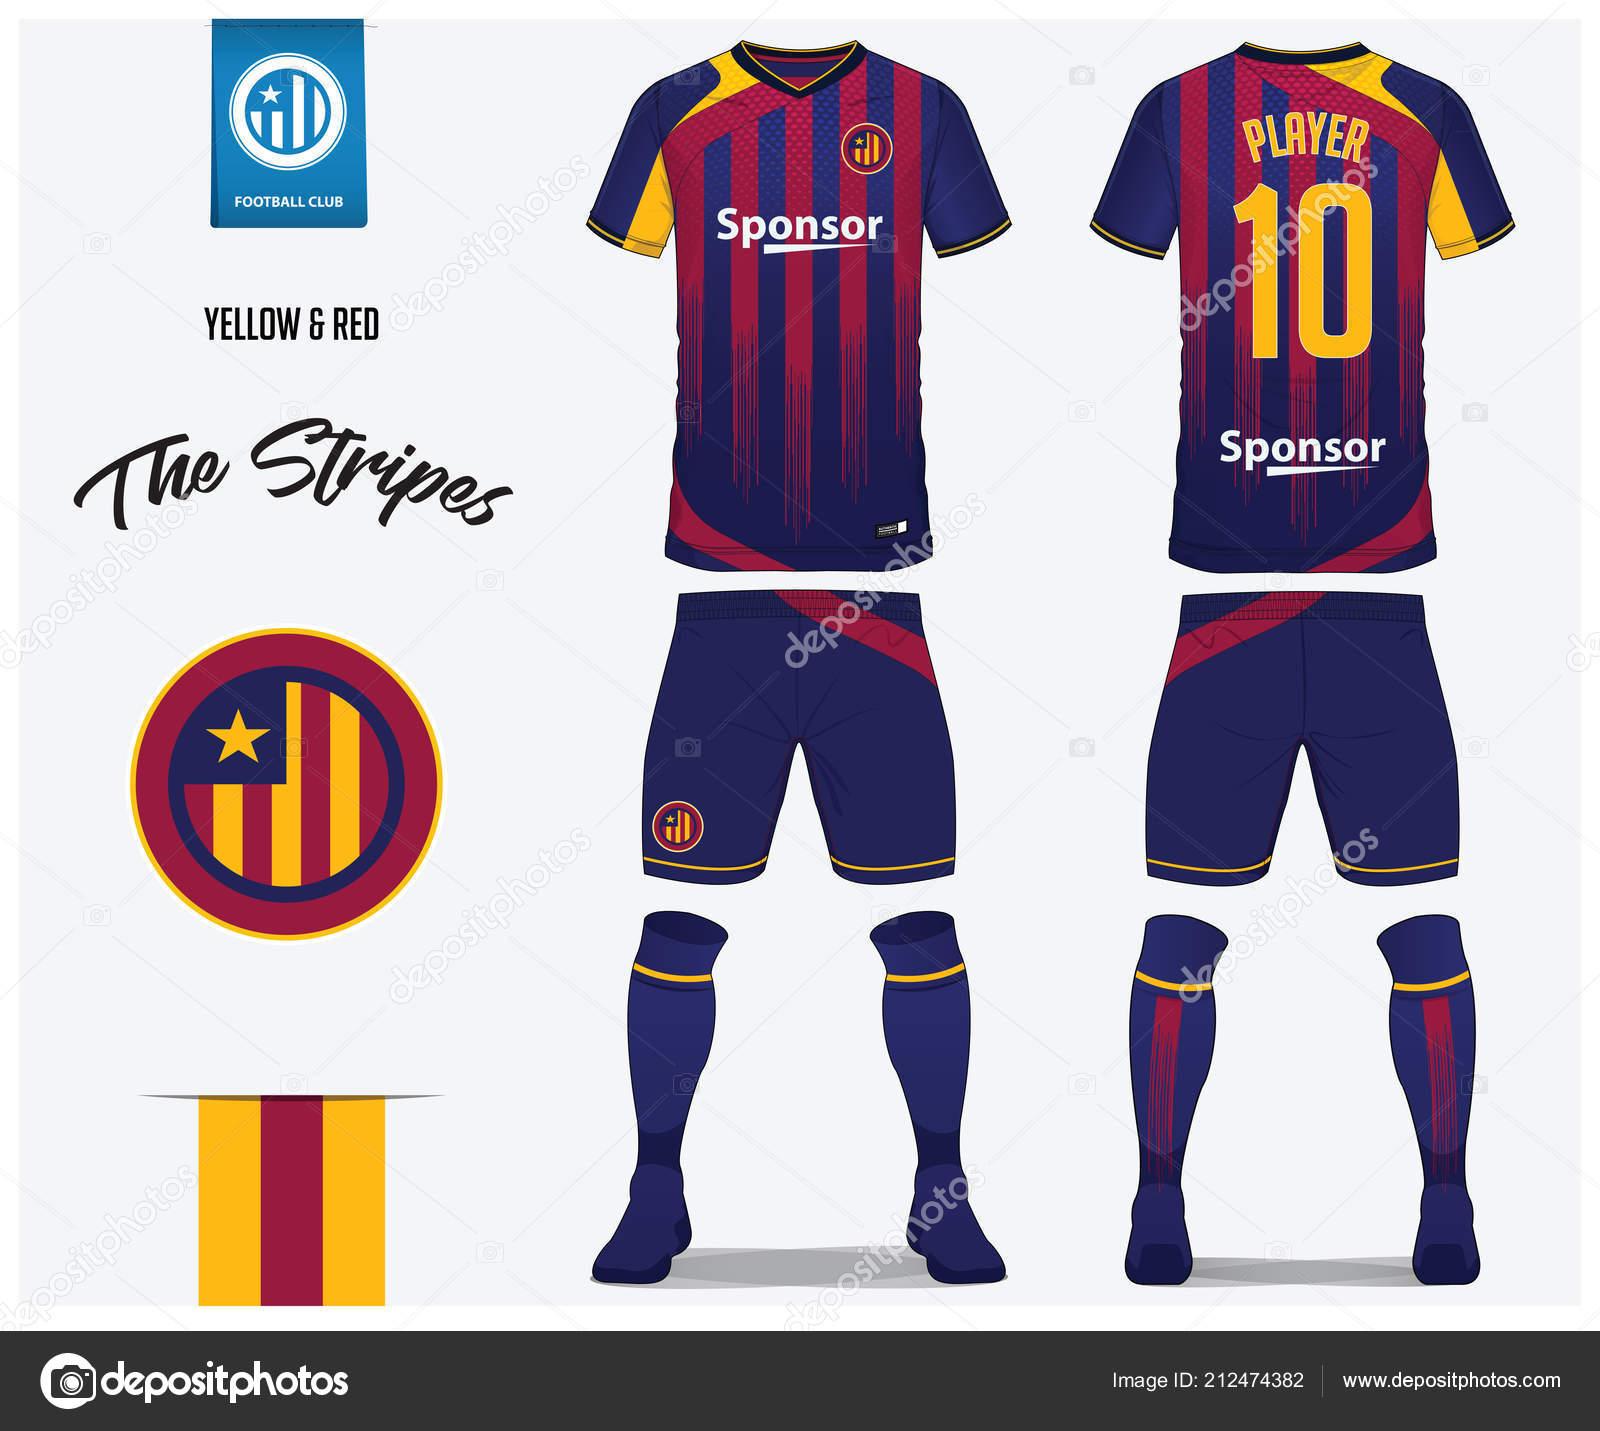 Fútbol jersey fútbol kit plantilla o para club de fútbol. Camiseta de fútbol  de rayas rojo y azul con azul y calcetines cortos imitan para arriba. 3f1e3d00509fd